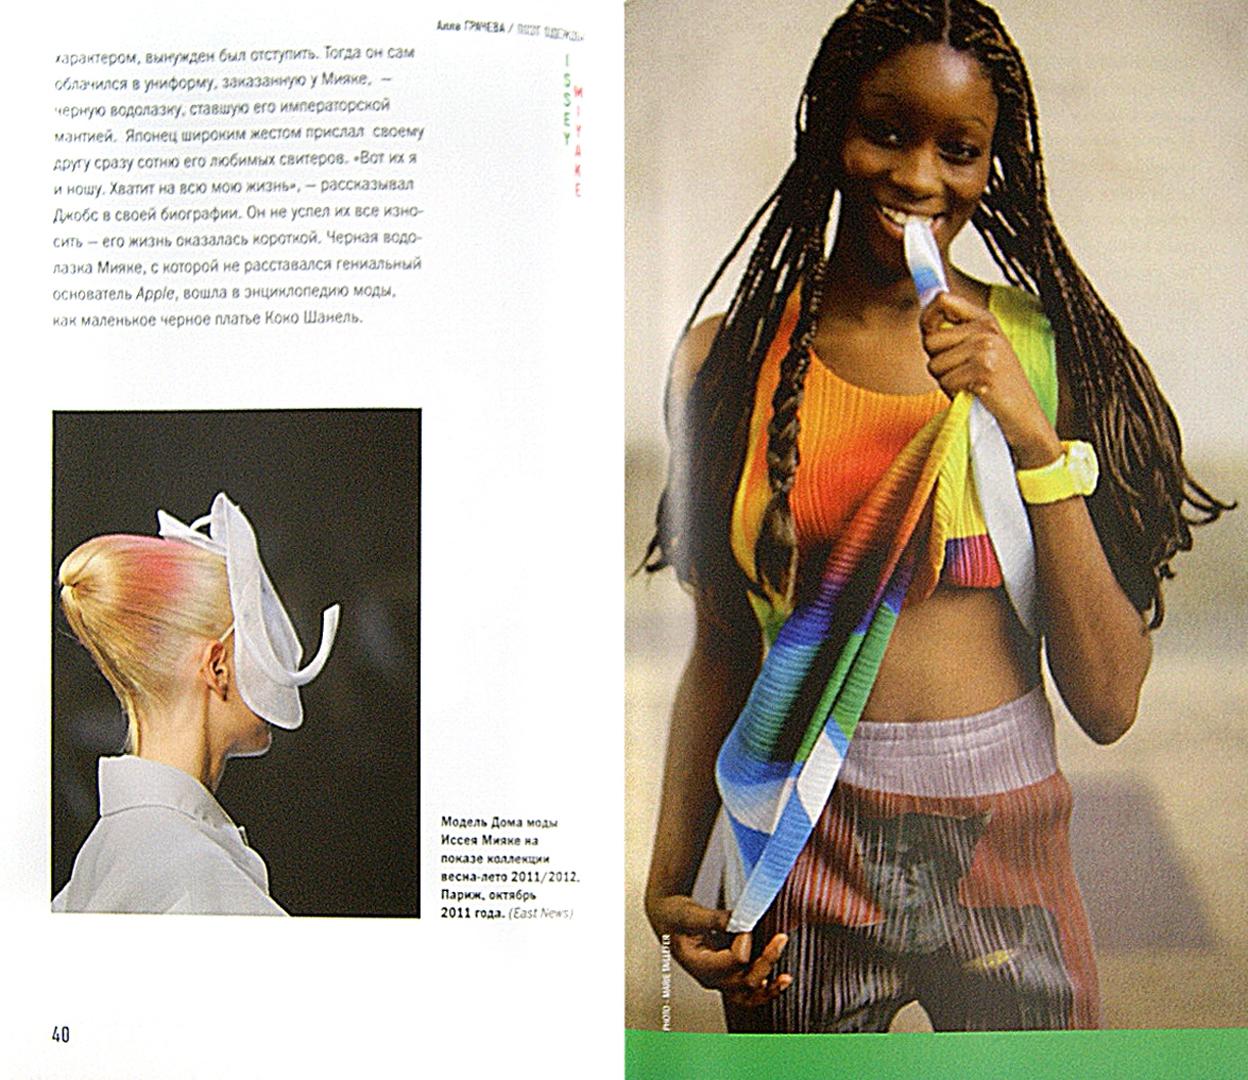 Иллюстрация 1 из 25 для Иссей Мияке: Поэт одежды - Алла Грачева   Лабиринт - книги. Источник: Лабиринт